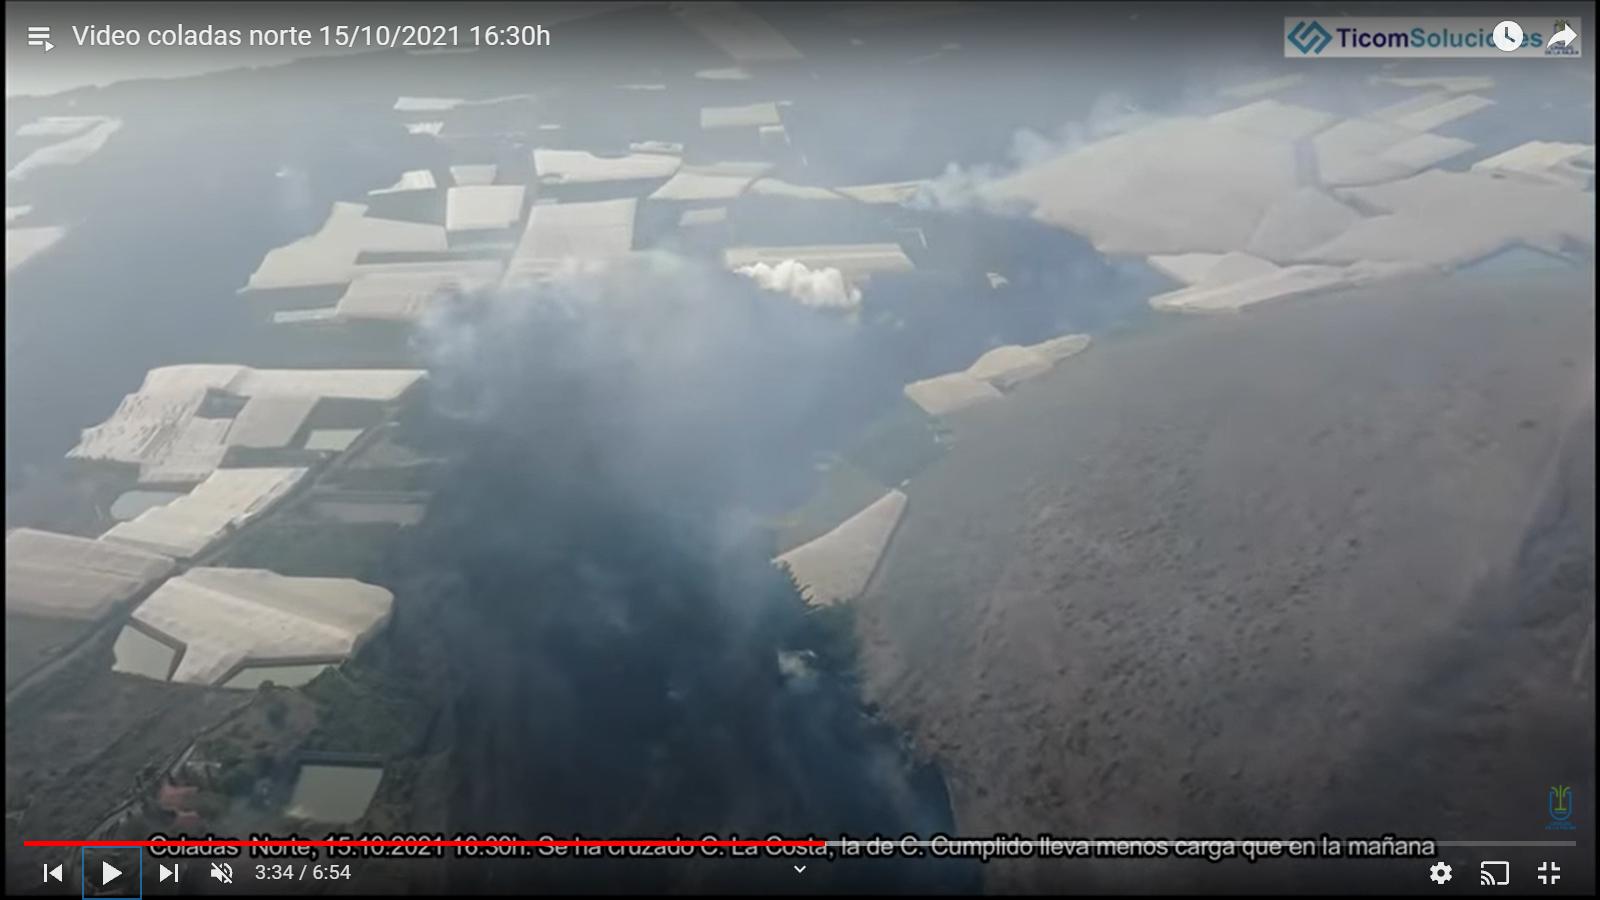 Eruption du volcan Cumbre Vieja - Ile de Palma - Canaries - Page 3 20211019